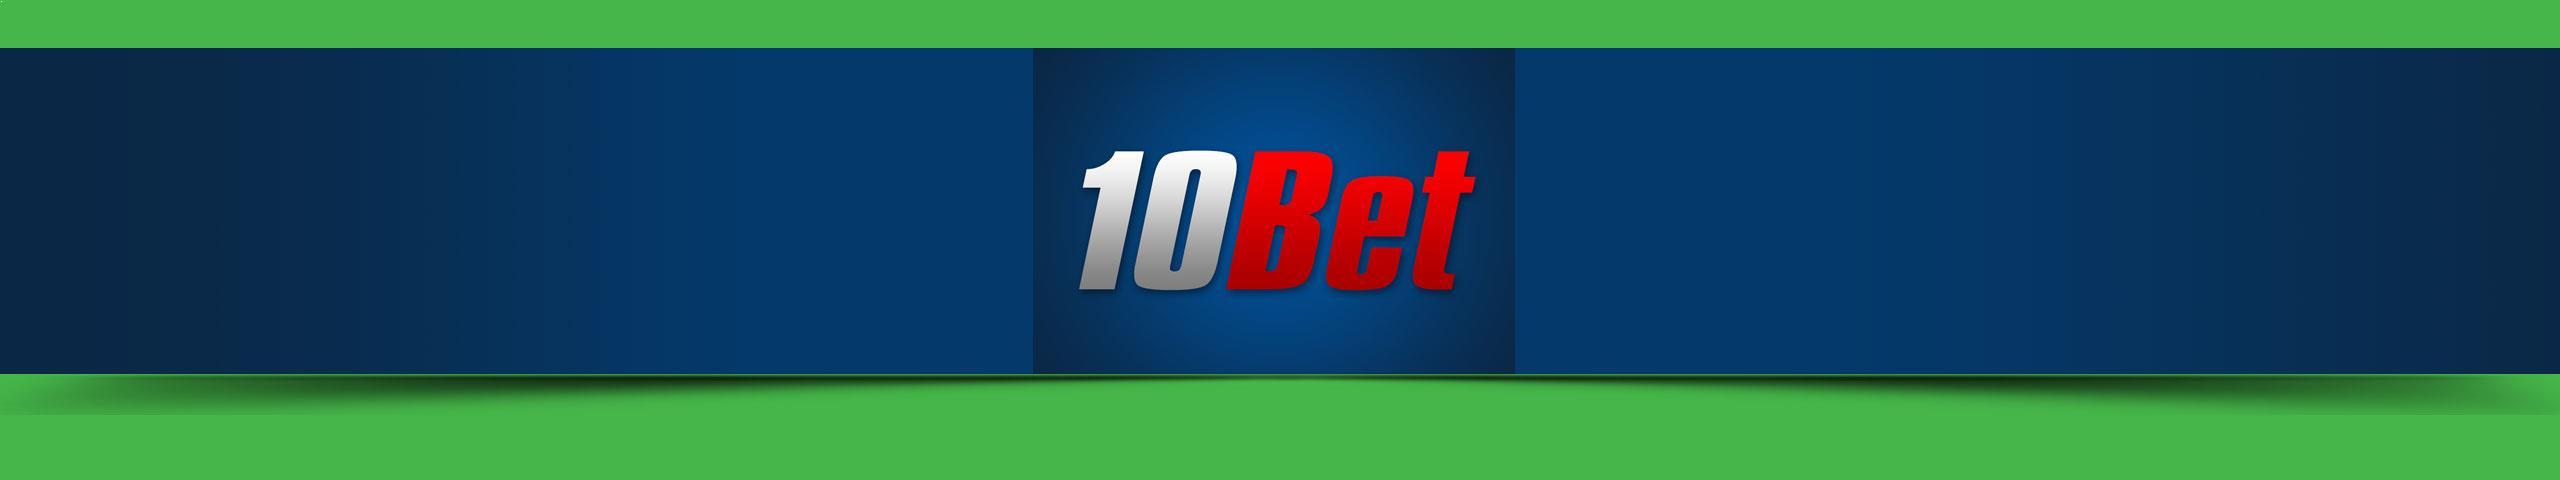 10Bet Vizualizarea Casino-ului Multa Bafta multabafta slider